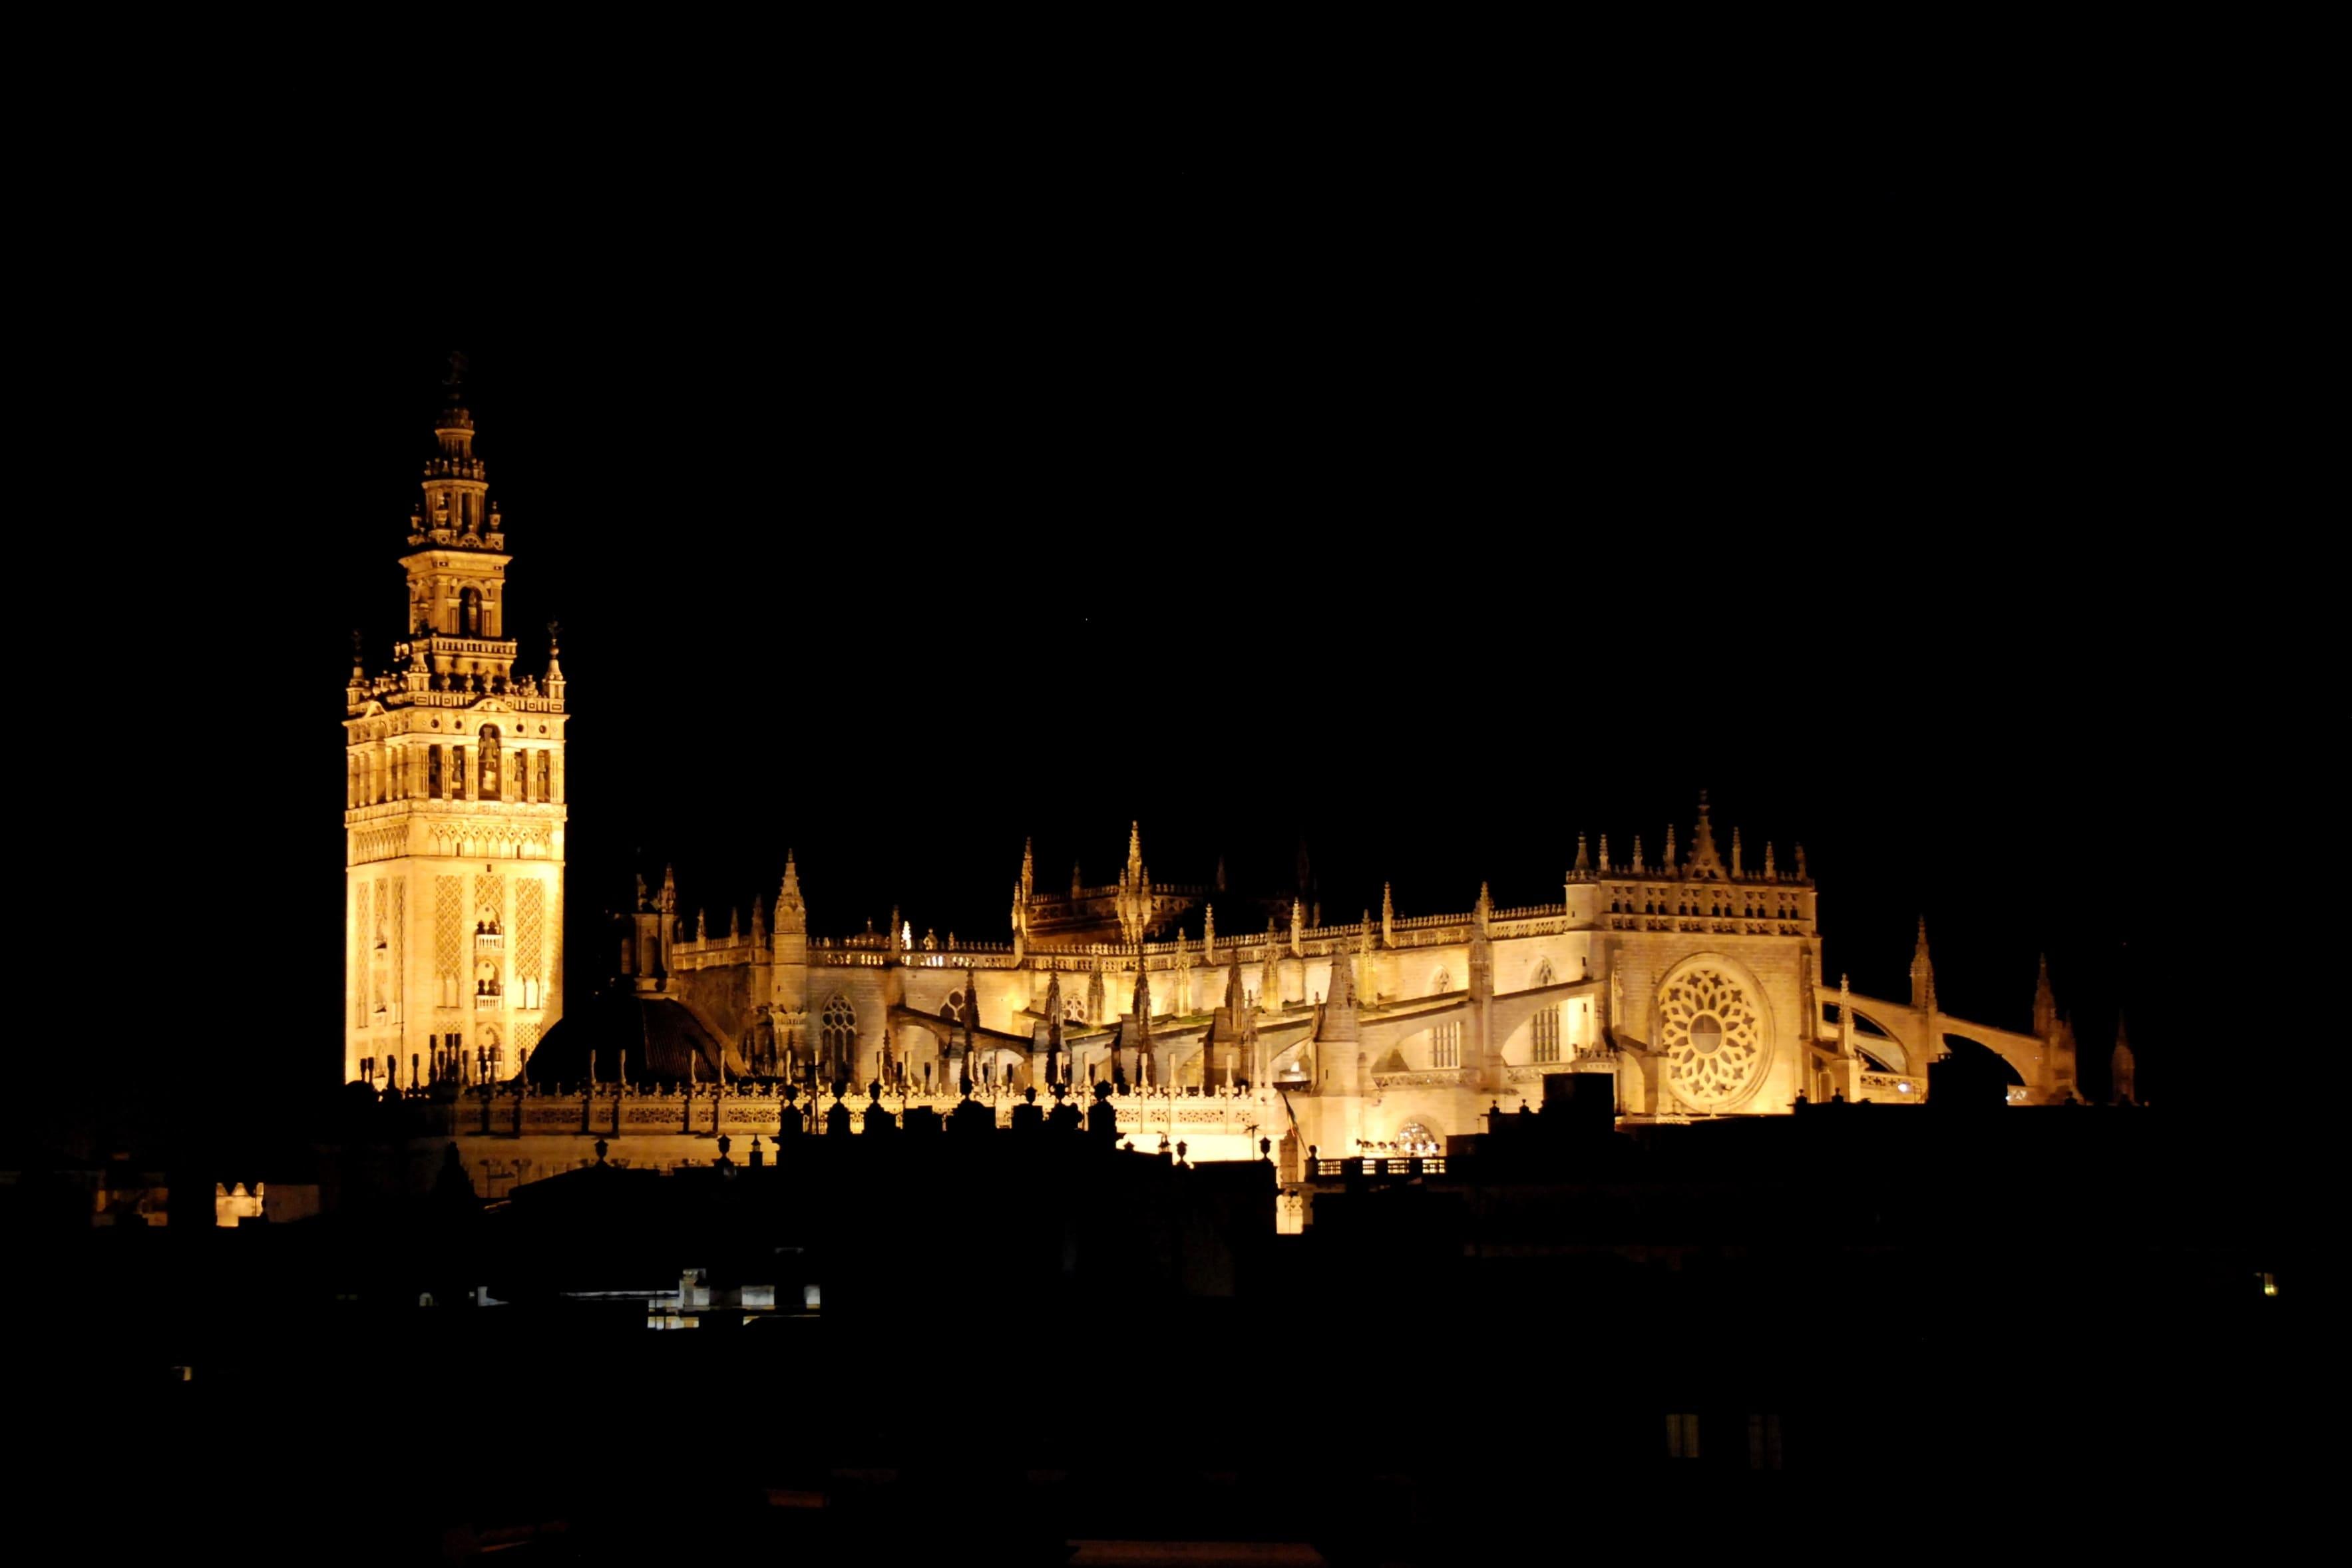 capodanno siviglia catedral notte